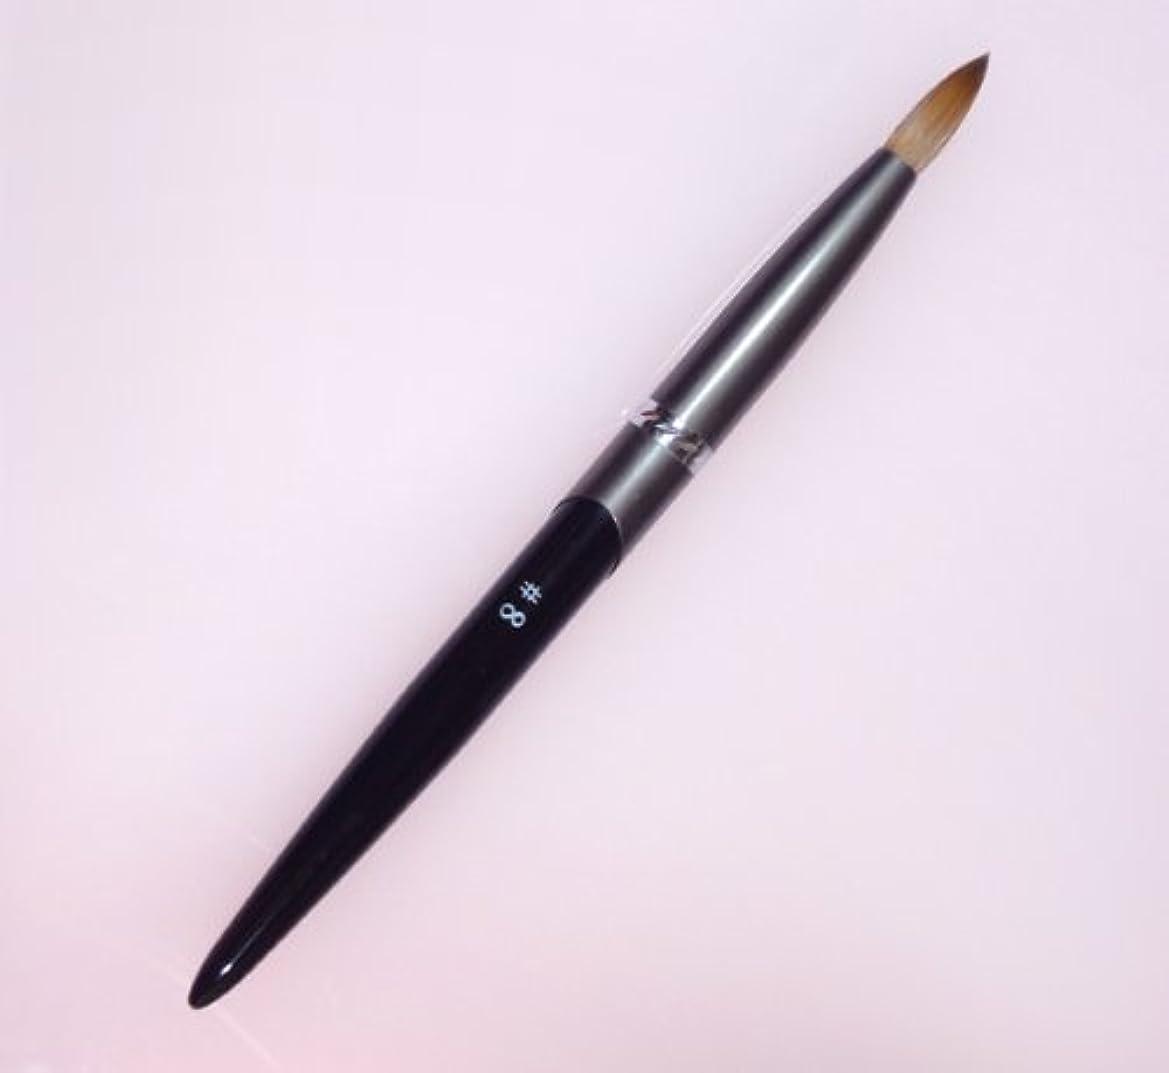 豆腐針操縦する密毛 高級アクリル用 コリンスキーブラシ ラウンド スカルプ筆 オール金属製の柄です